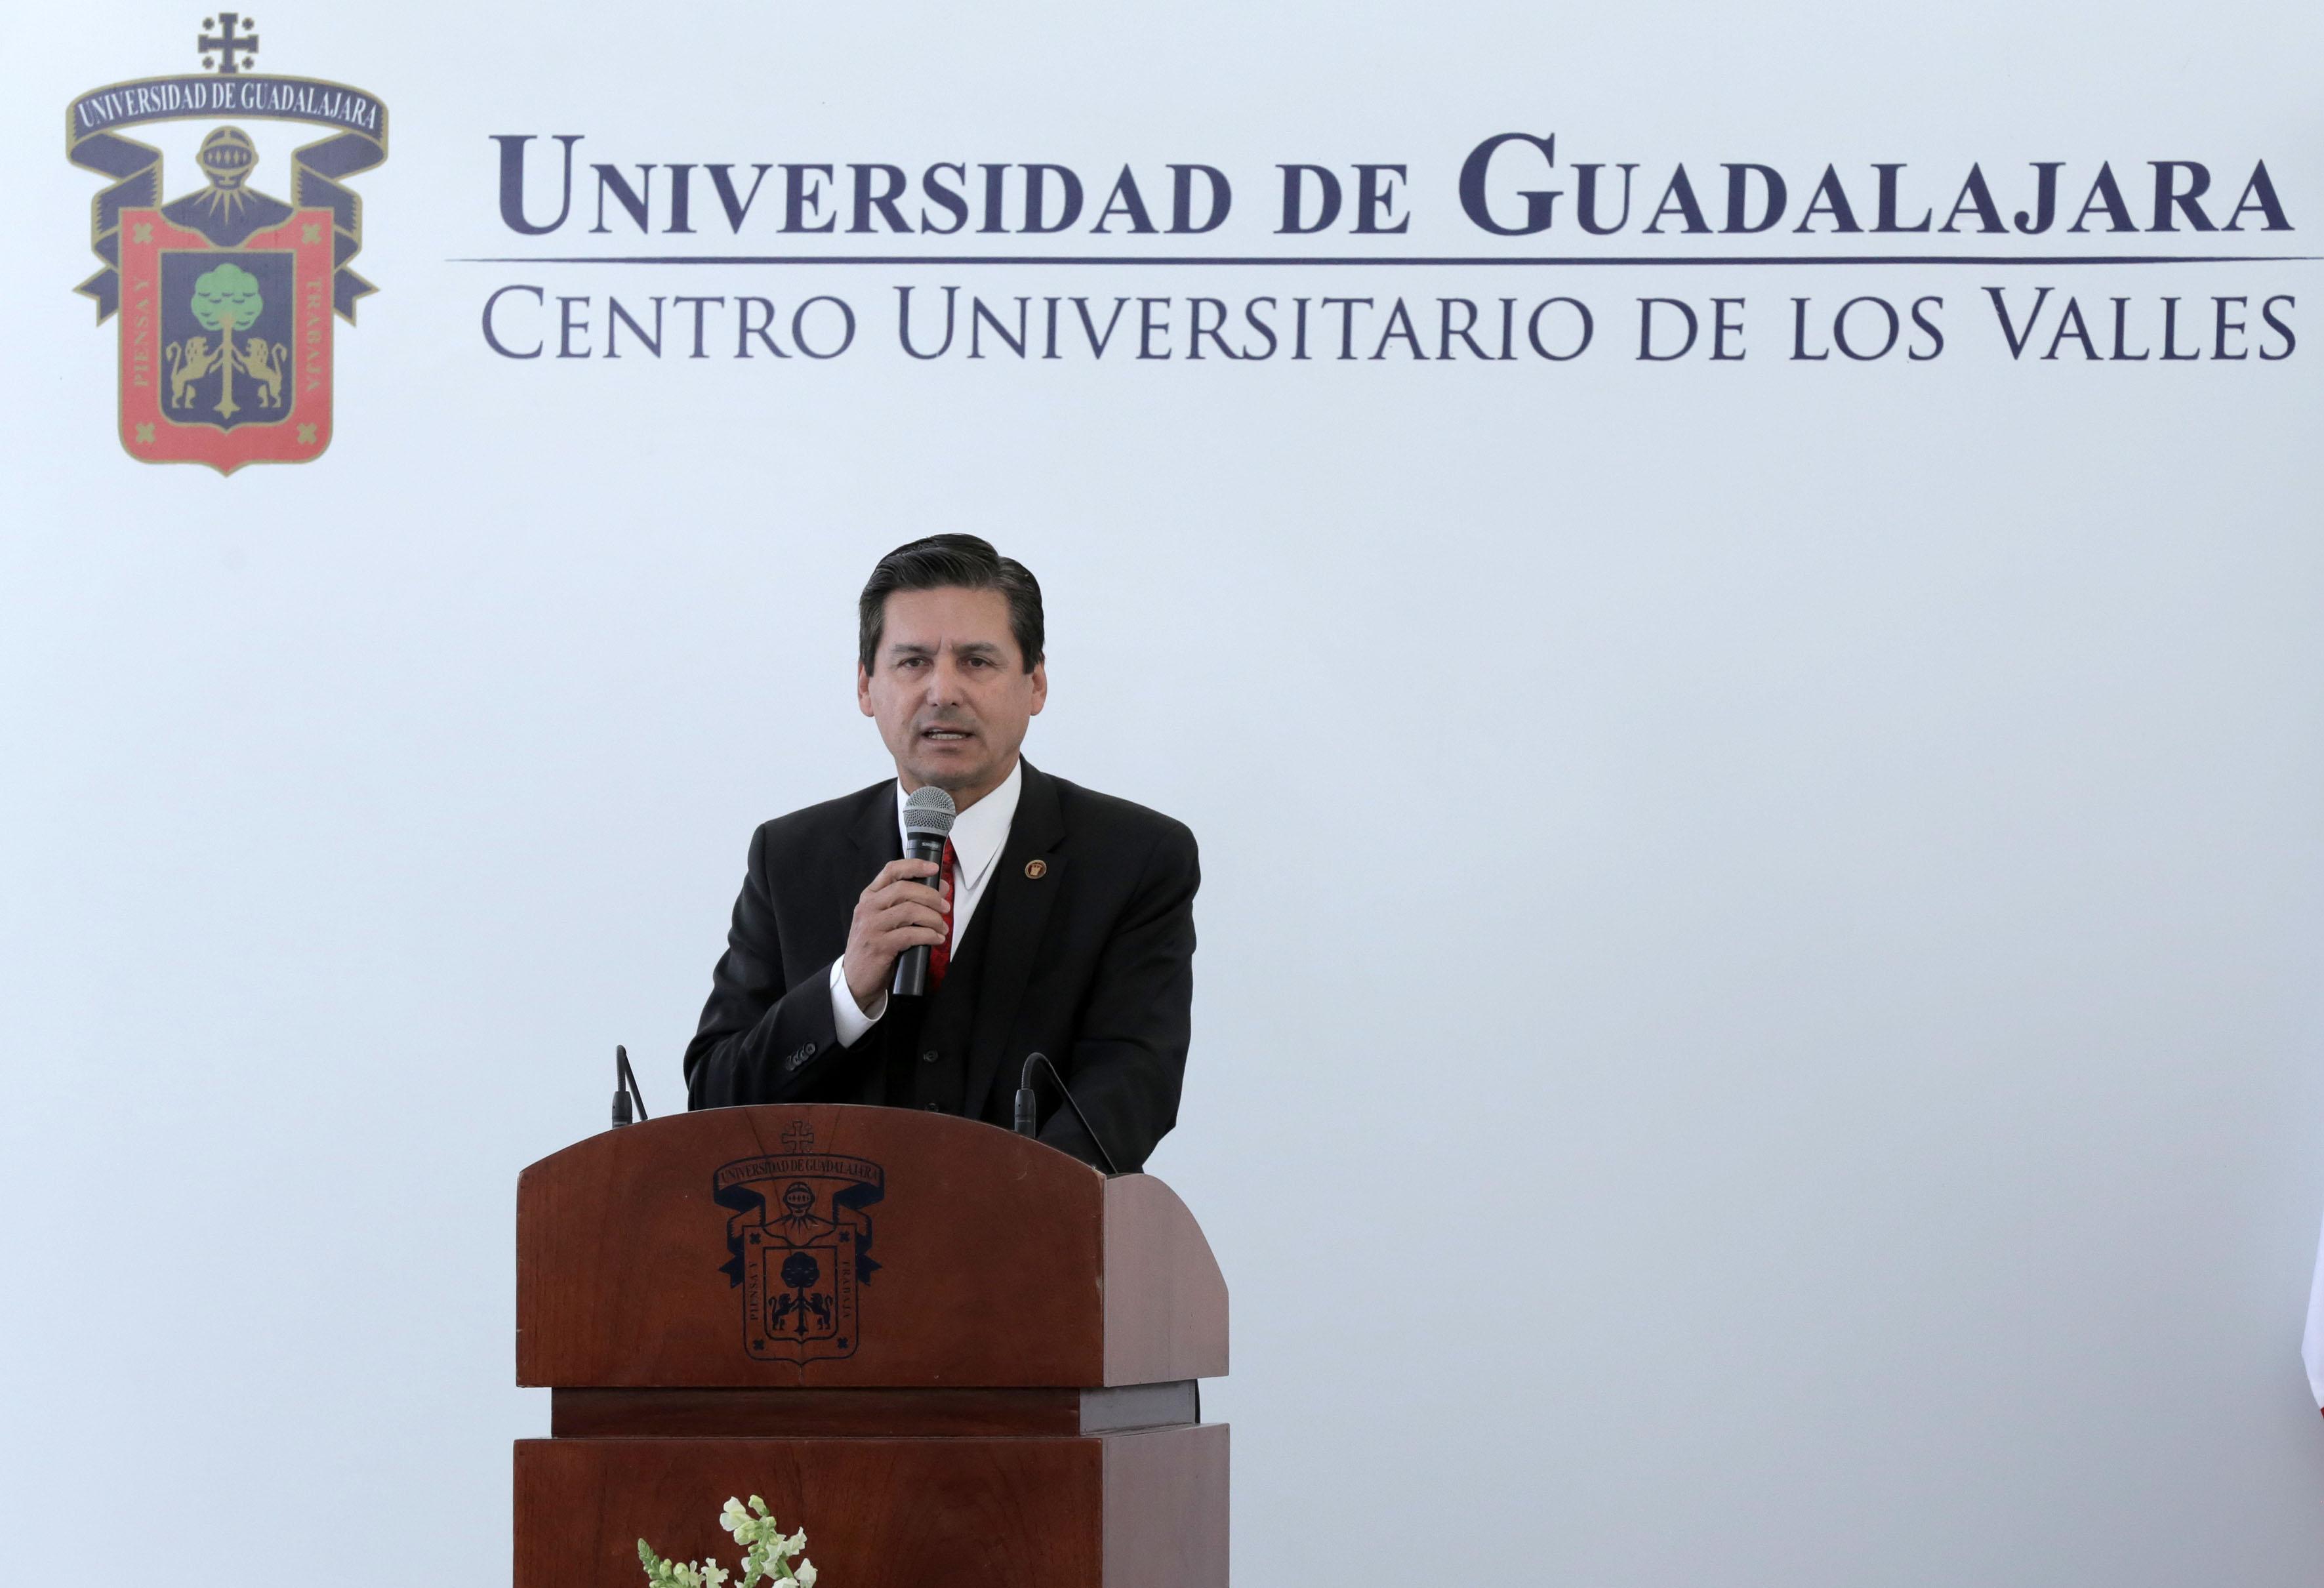 Dr. José Luis Santana Medina haciendo uso de la palabra durante su Tercer informe de actividades